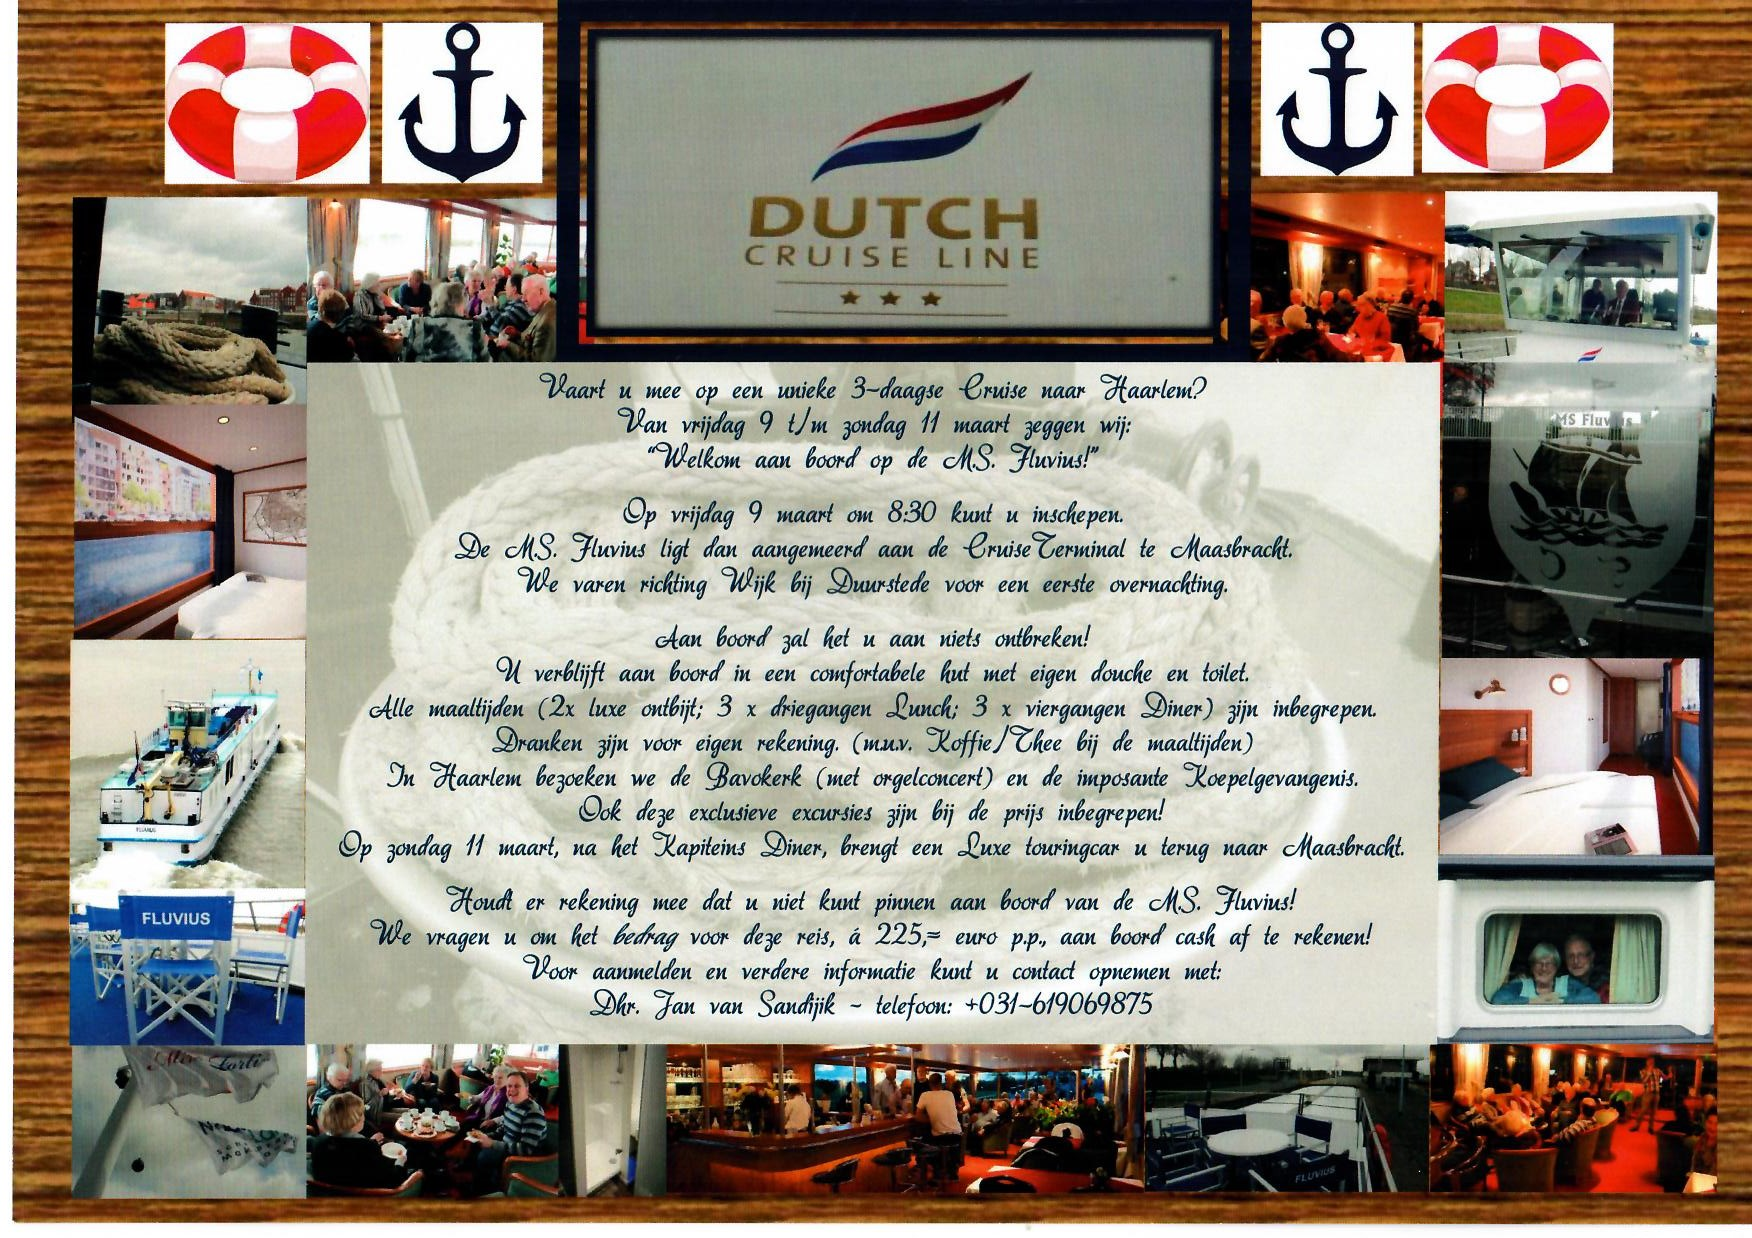 Driedaagse Cruise met de M.S. Fluvius naar Haarlem